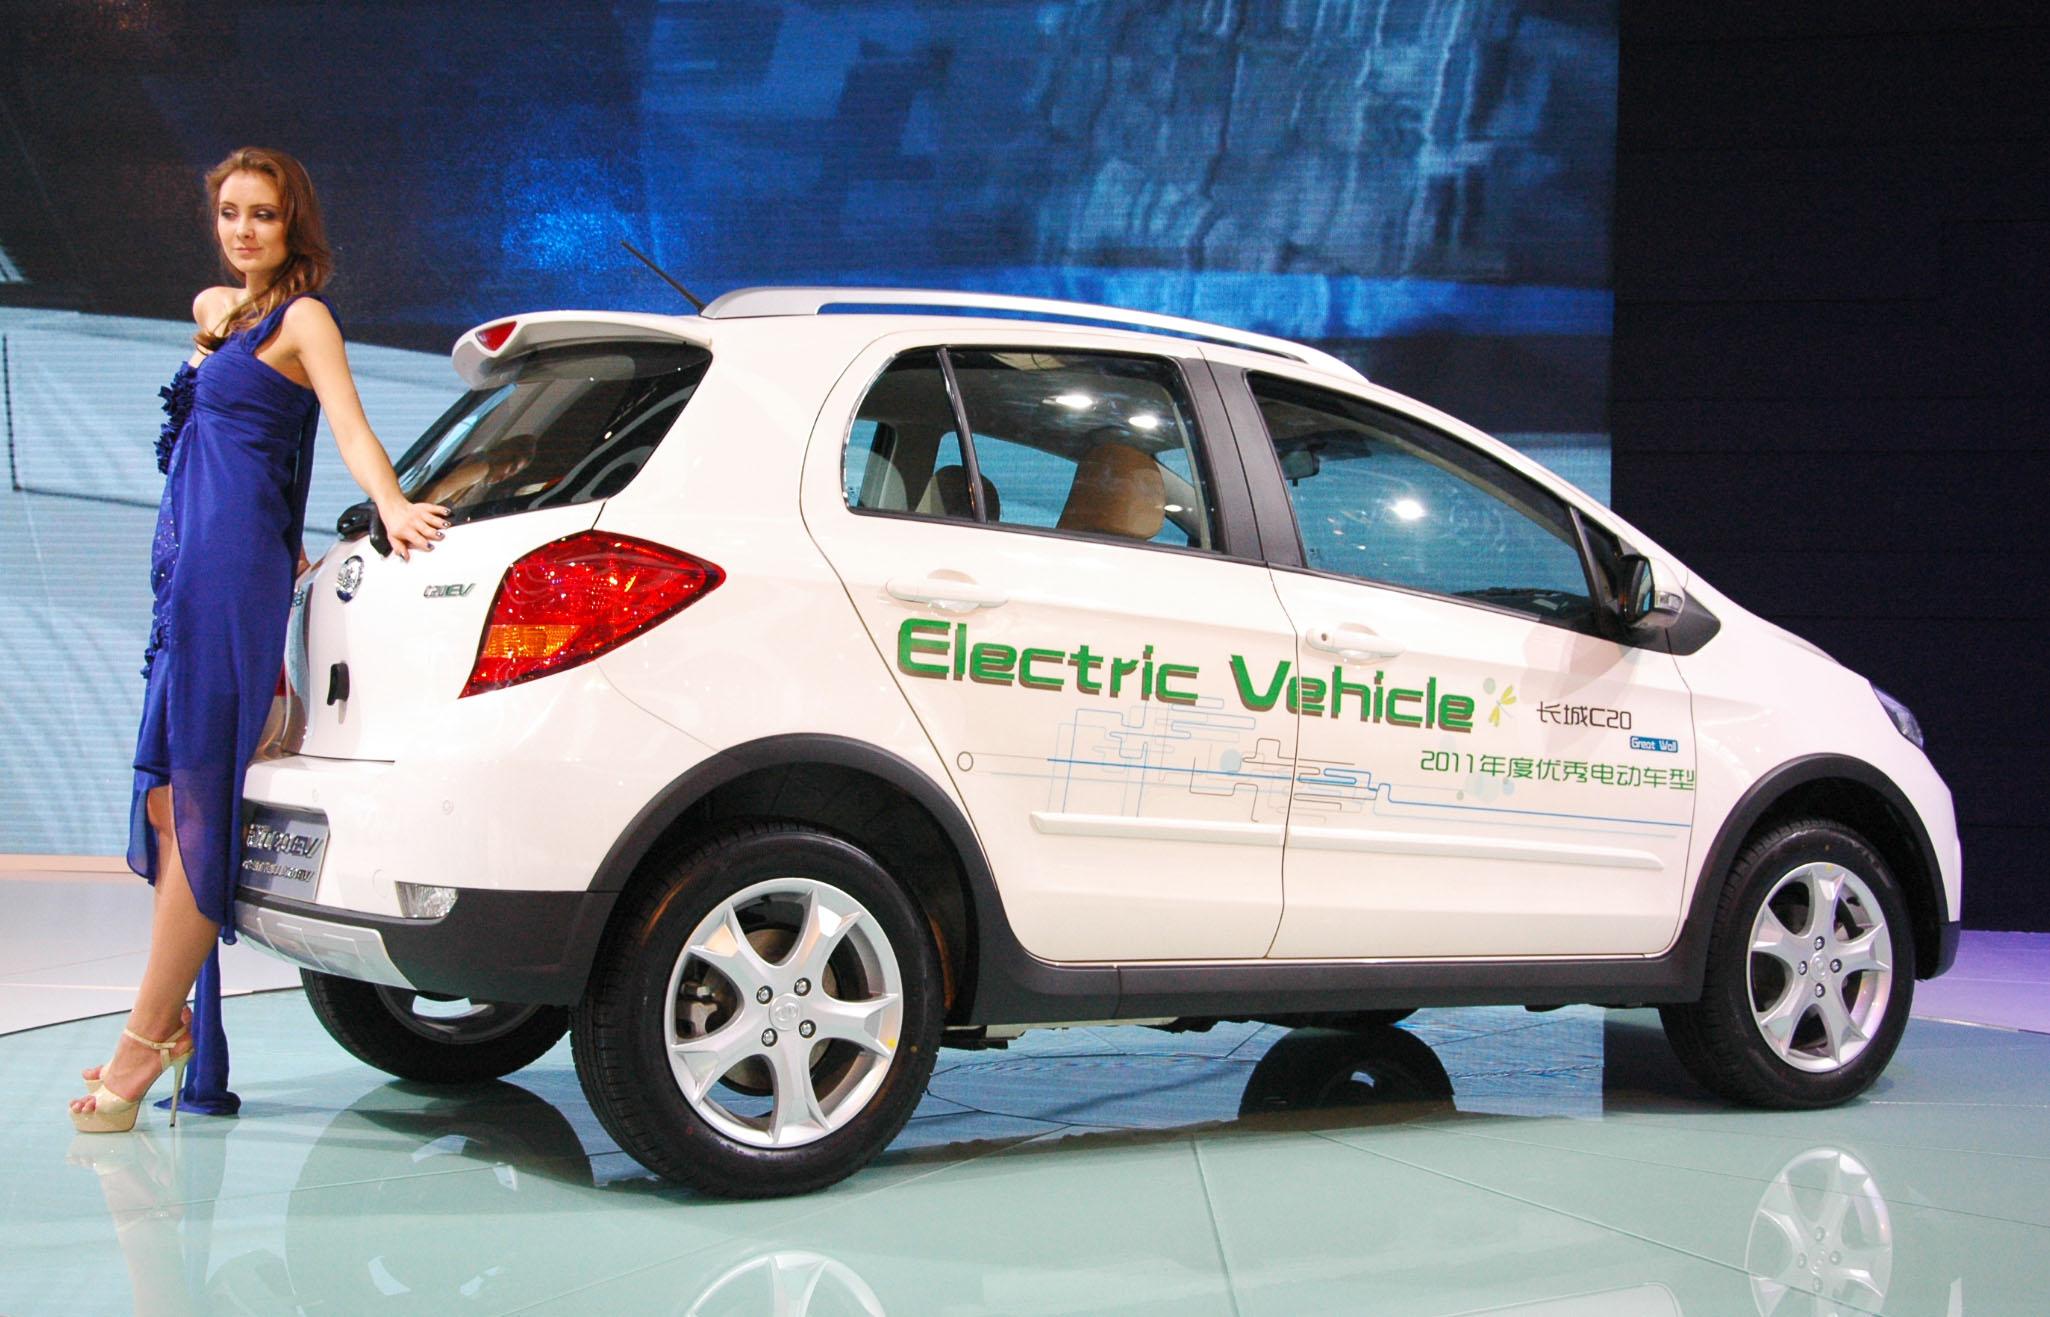 Китайские электромобили будут проектироваться в Европе 2